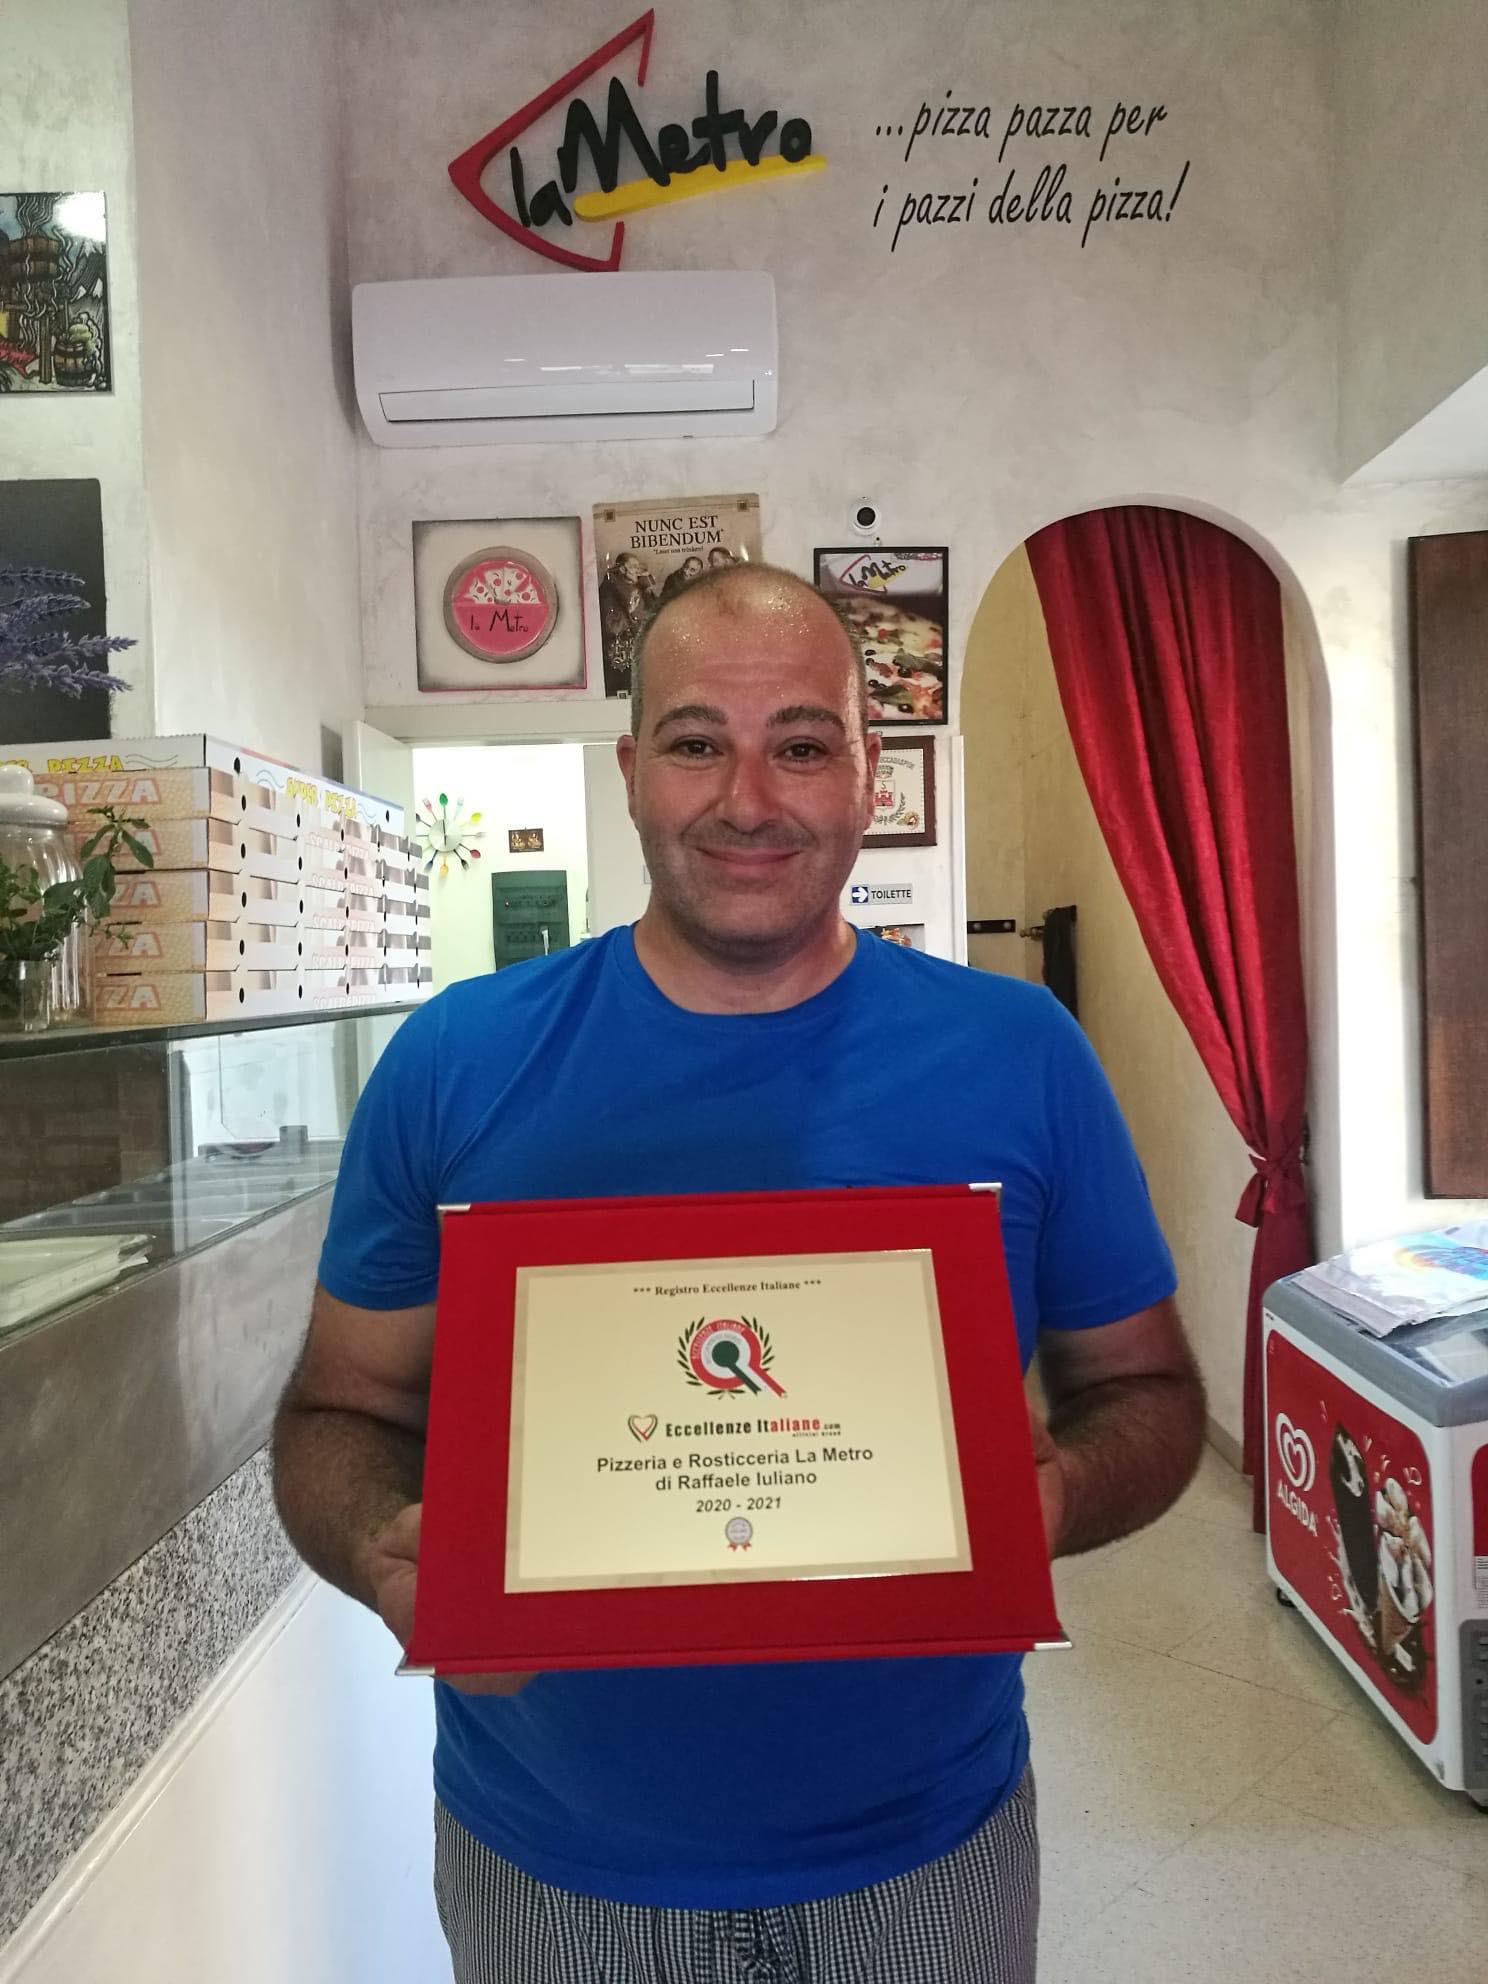 """Pizzeria """"La Metro"""" Di Raffaele Iuliano Tra Le Eccellenze Italiane"""